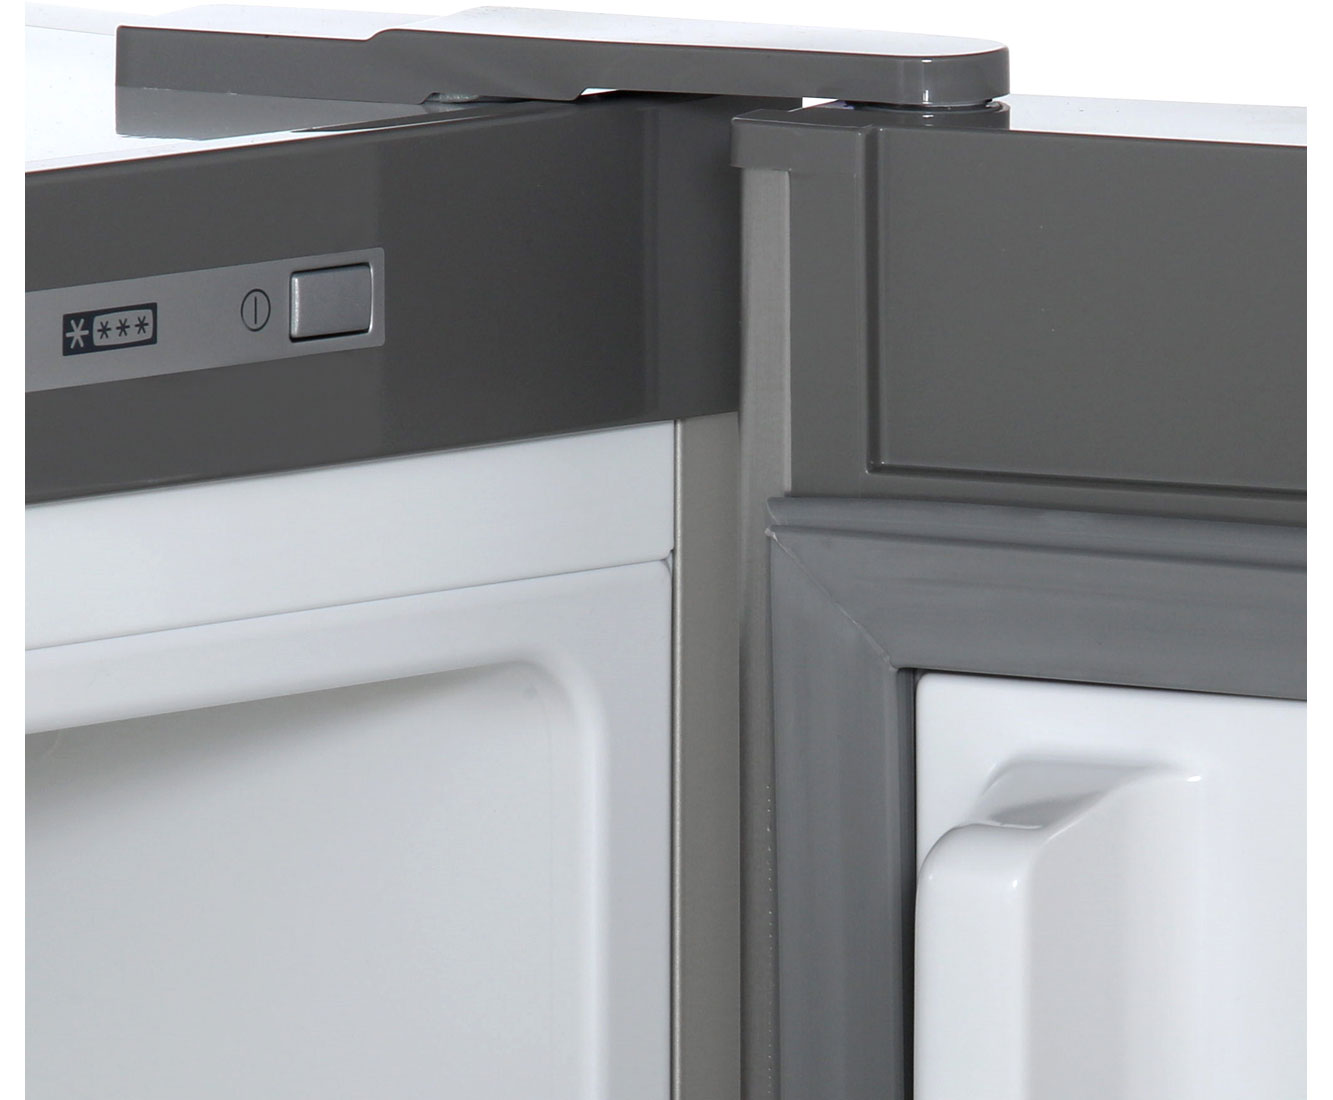 Siemens Kühlschrank Kg36vvl32 : Siemens kg36vvl32 kühl gefrierkombination 60er breite edelstahl